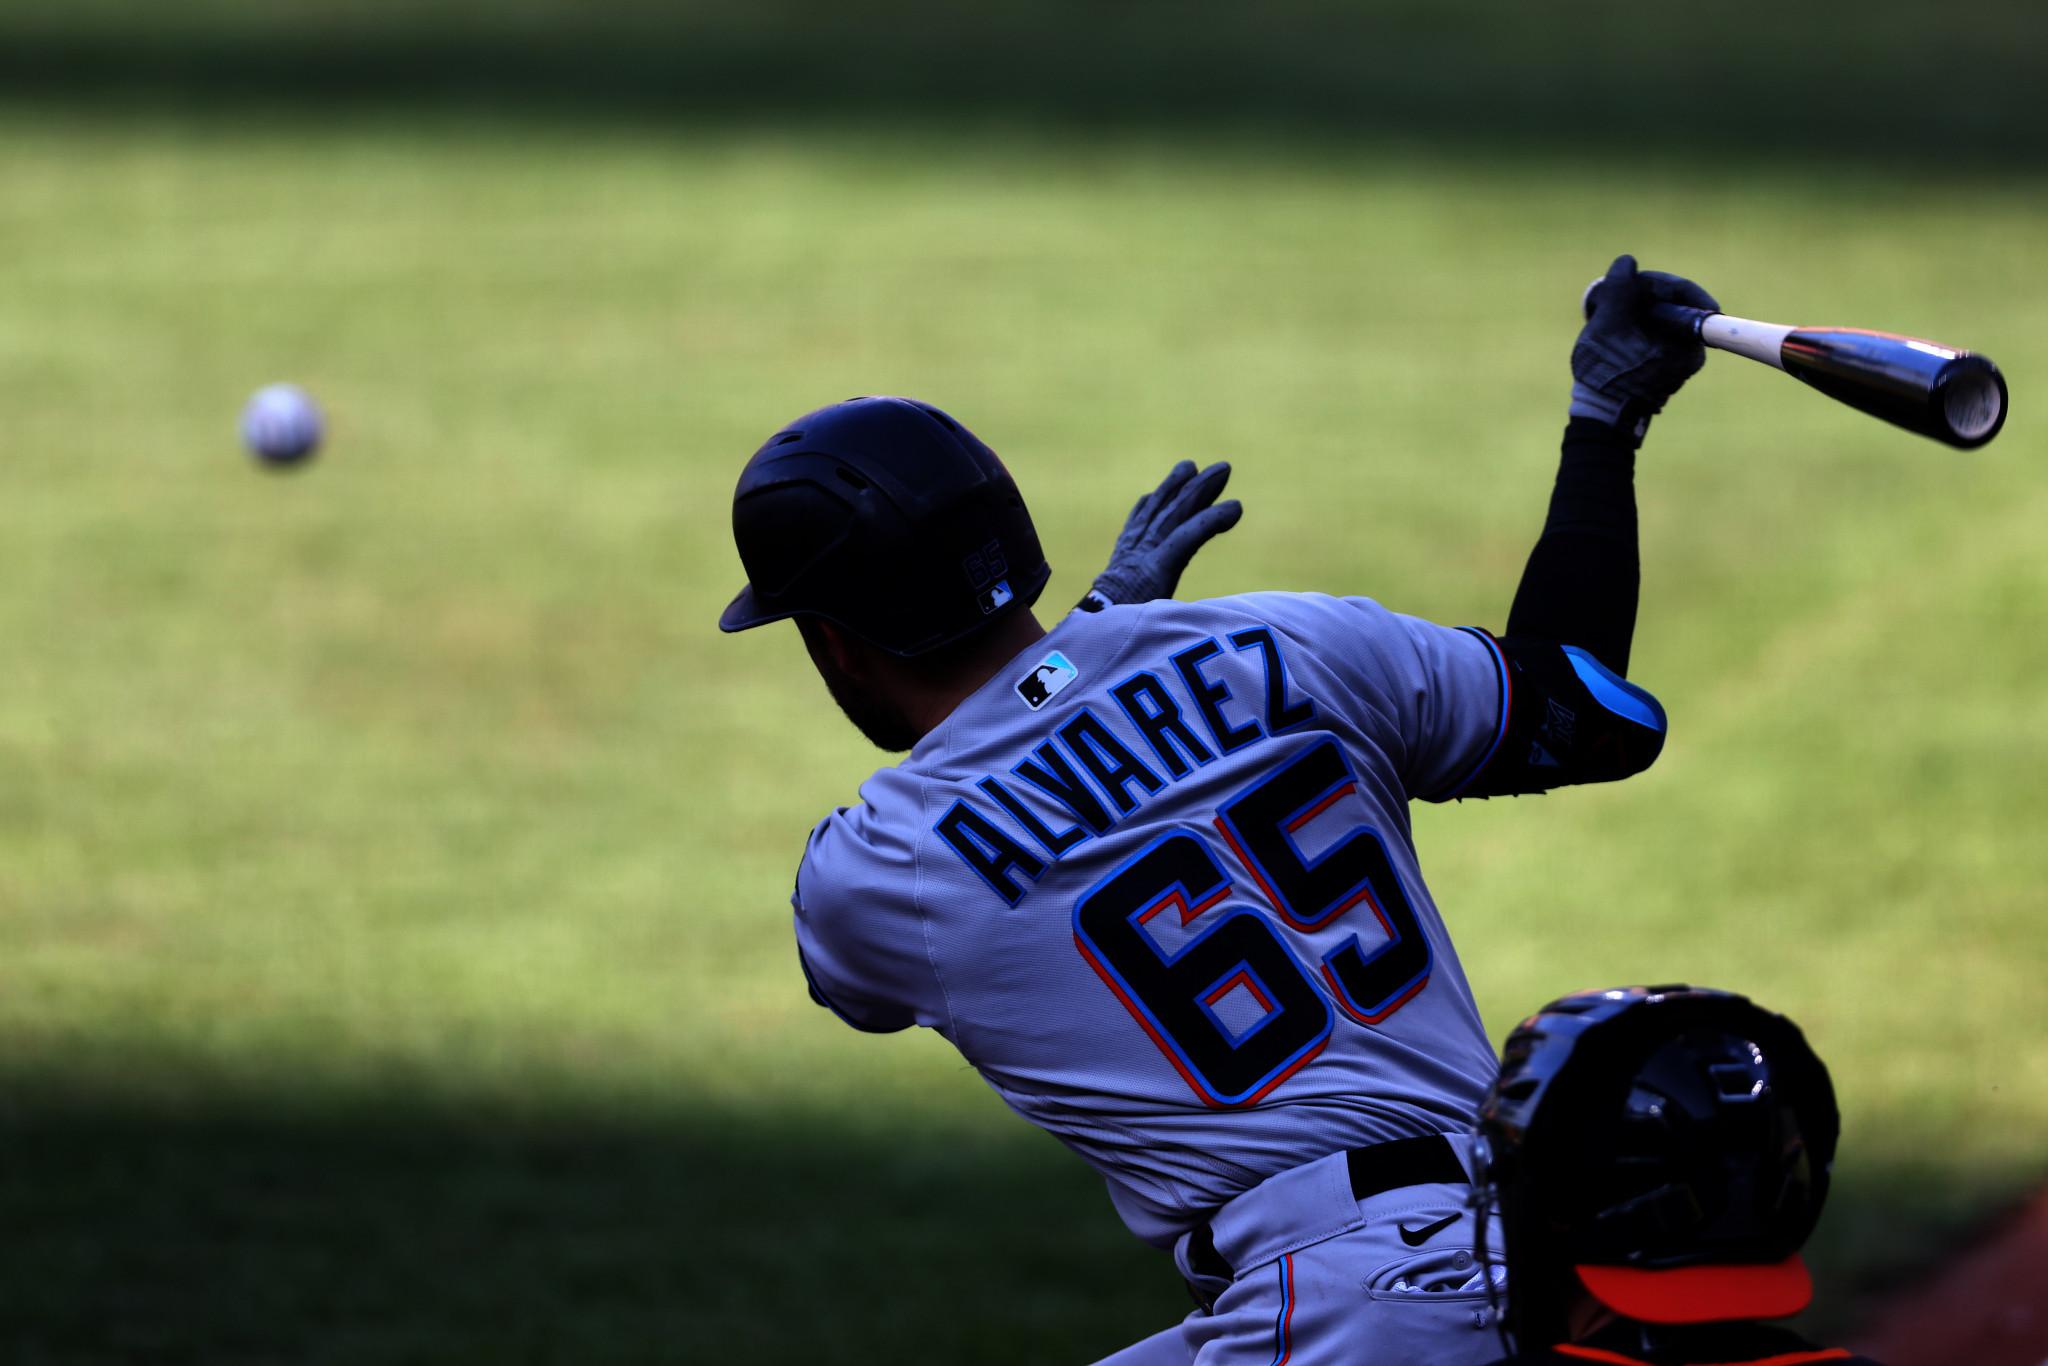 Medallista olímpico de invierno Álvarez se une a MLB All-Stars en el equipo de béisbol de EE. UU.